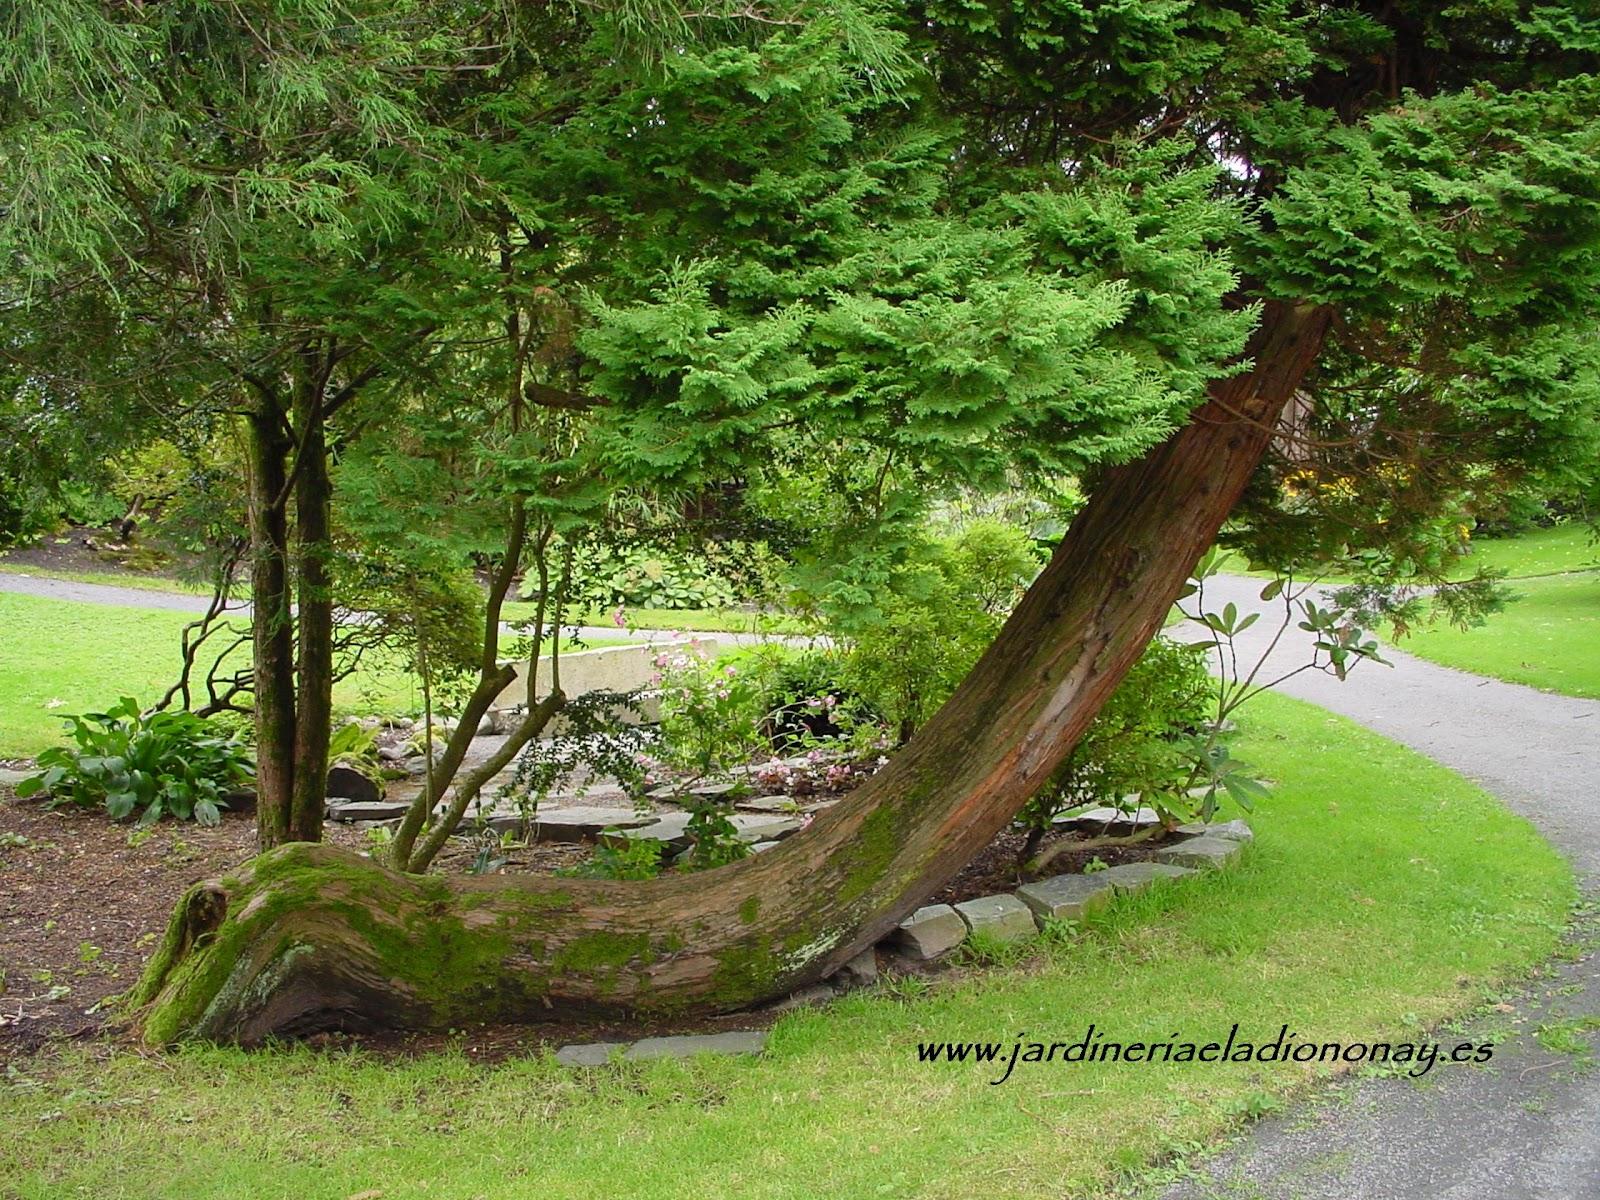 Jardineria eladio nonay zonas de relax en espacios libres - Jardineria eladio nonay ...